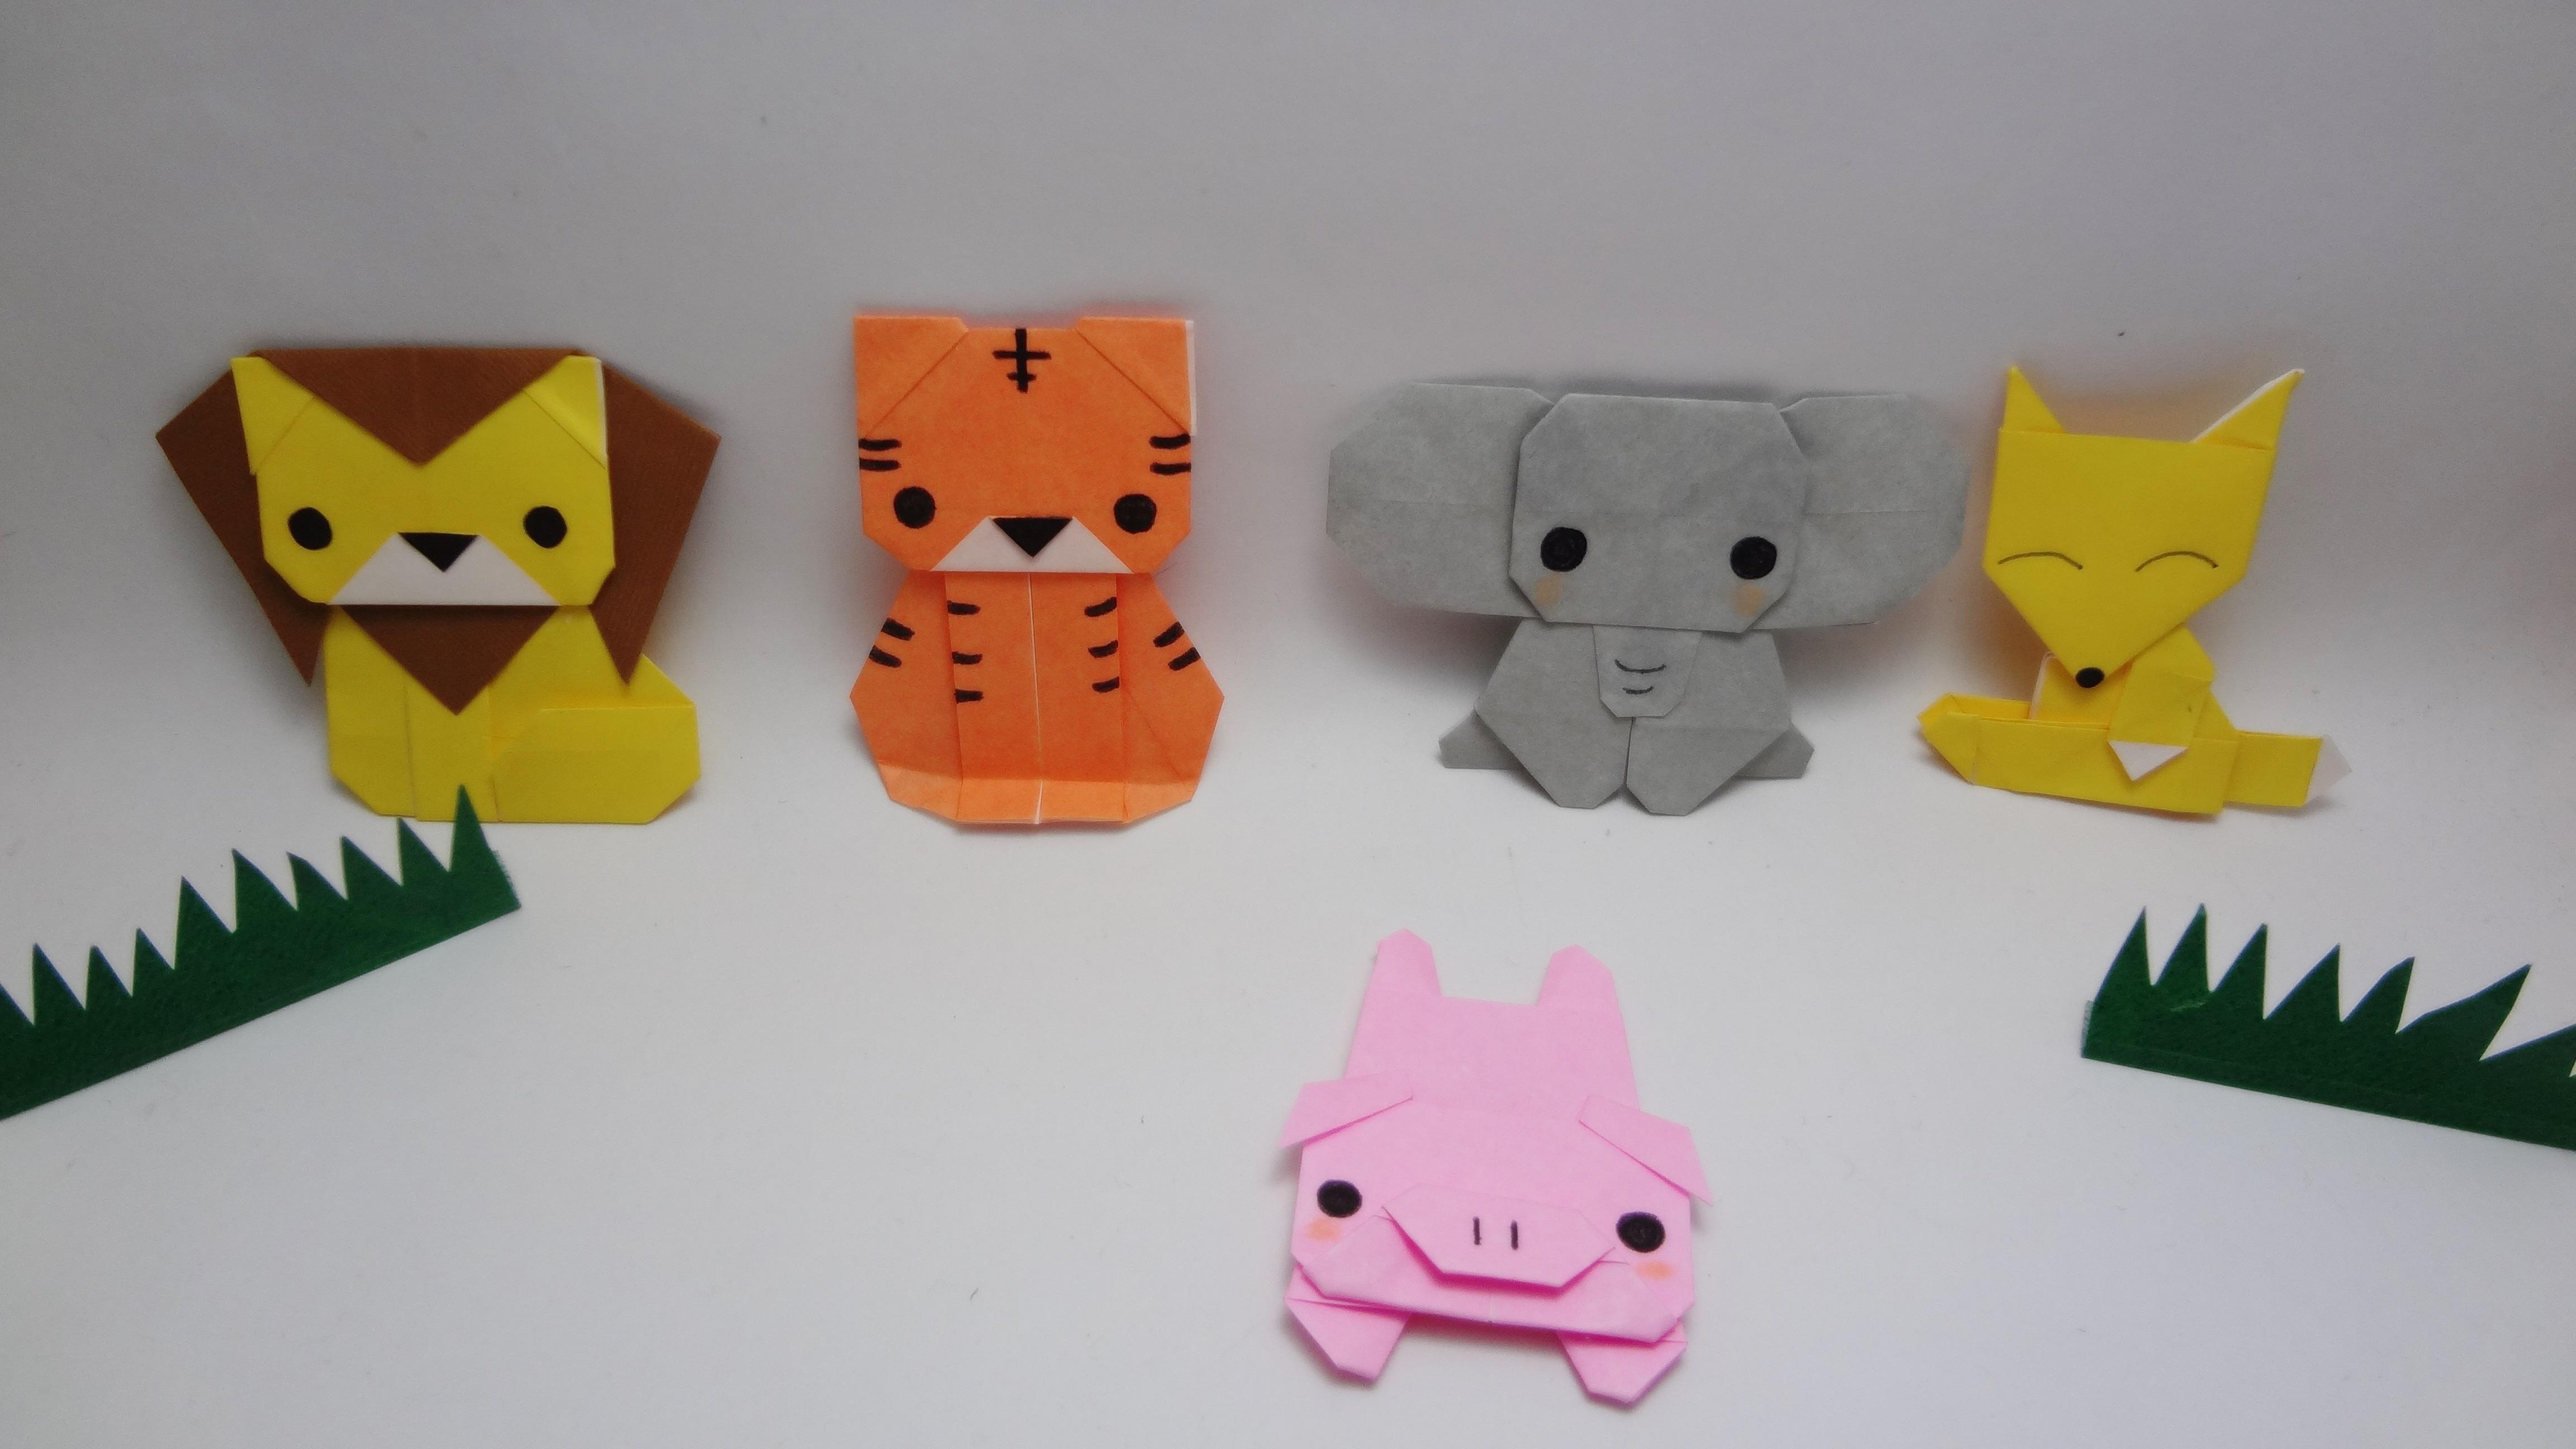 Populares Animais de Origami no Elo7 | Art Omura (4264B2) ID81